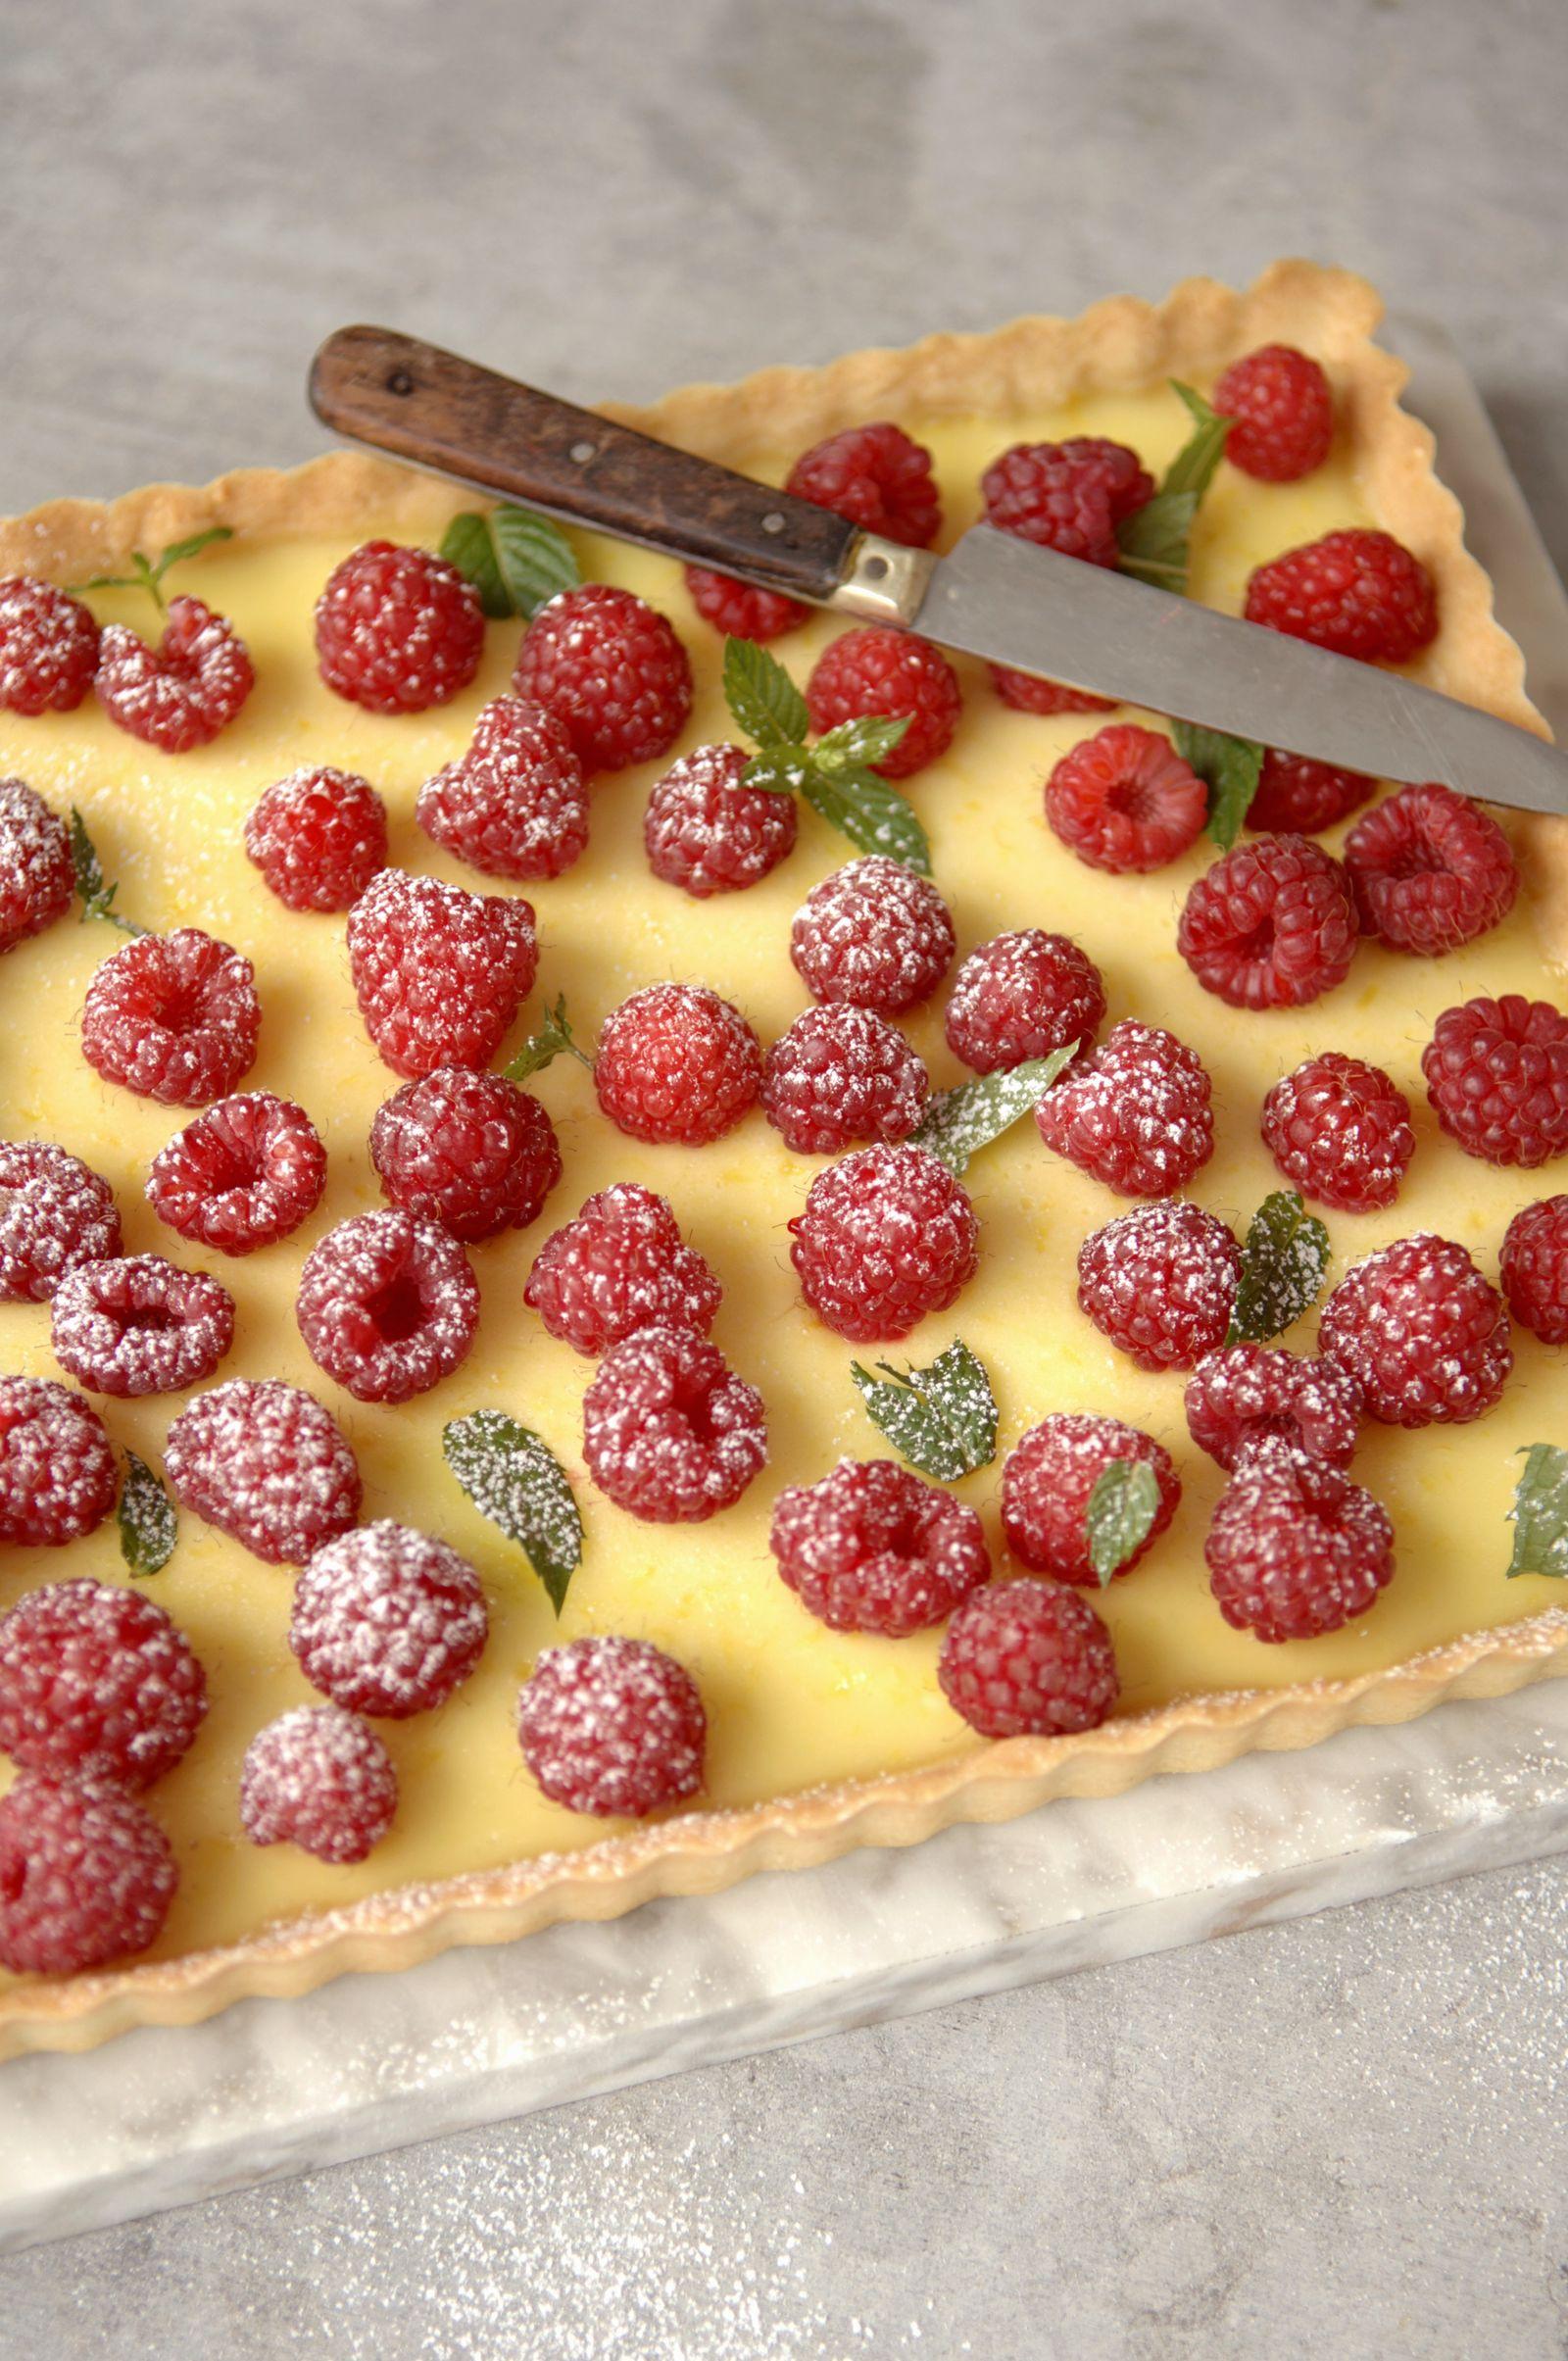 NICHT MEHR VERWENDEN! - Cheesecake